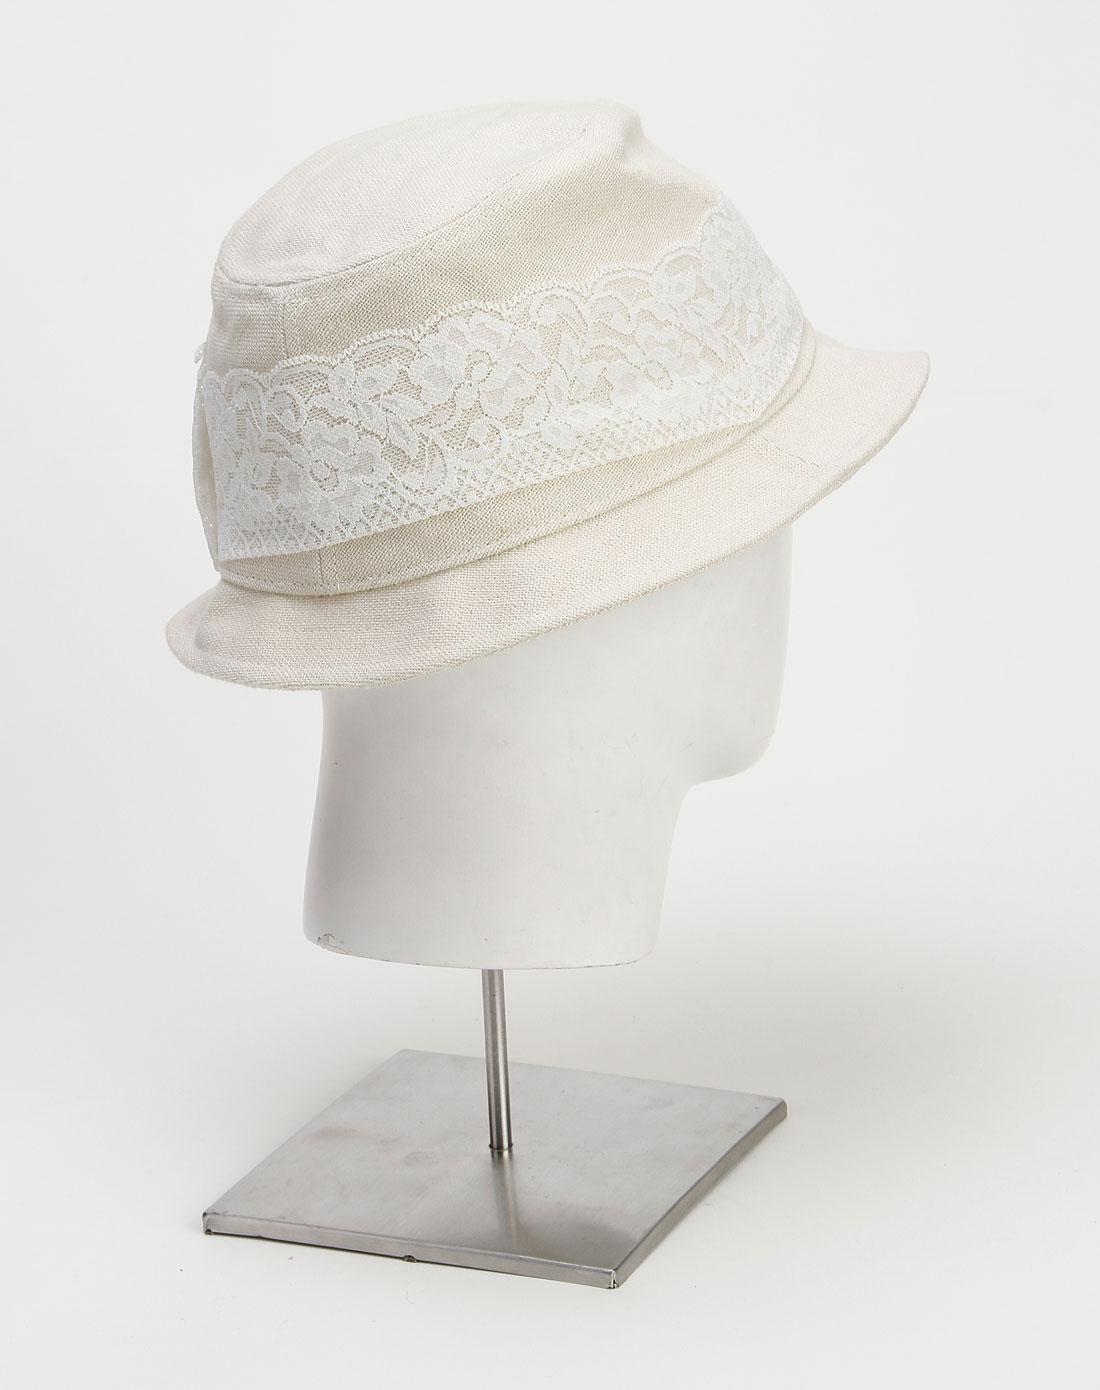 米/白色蕾丝蝴蝶帽子